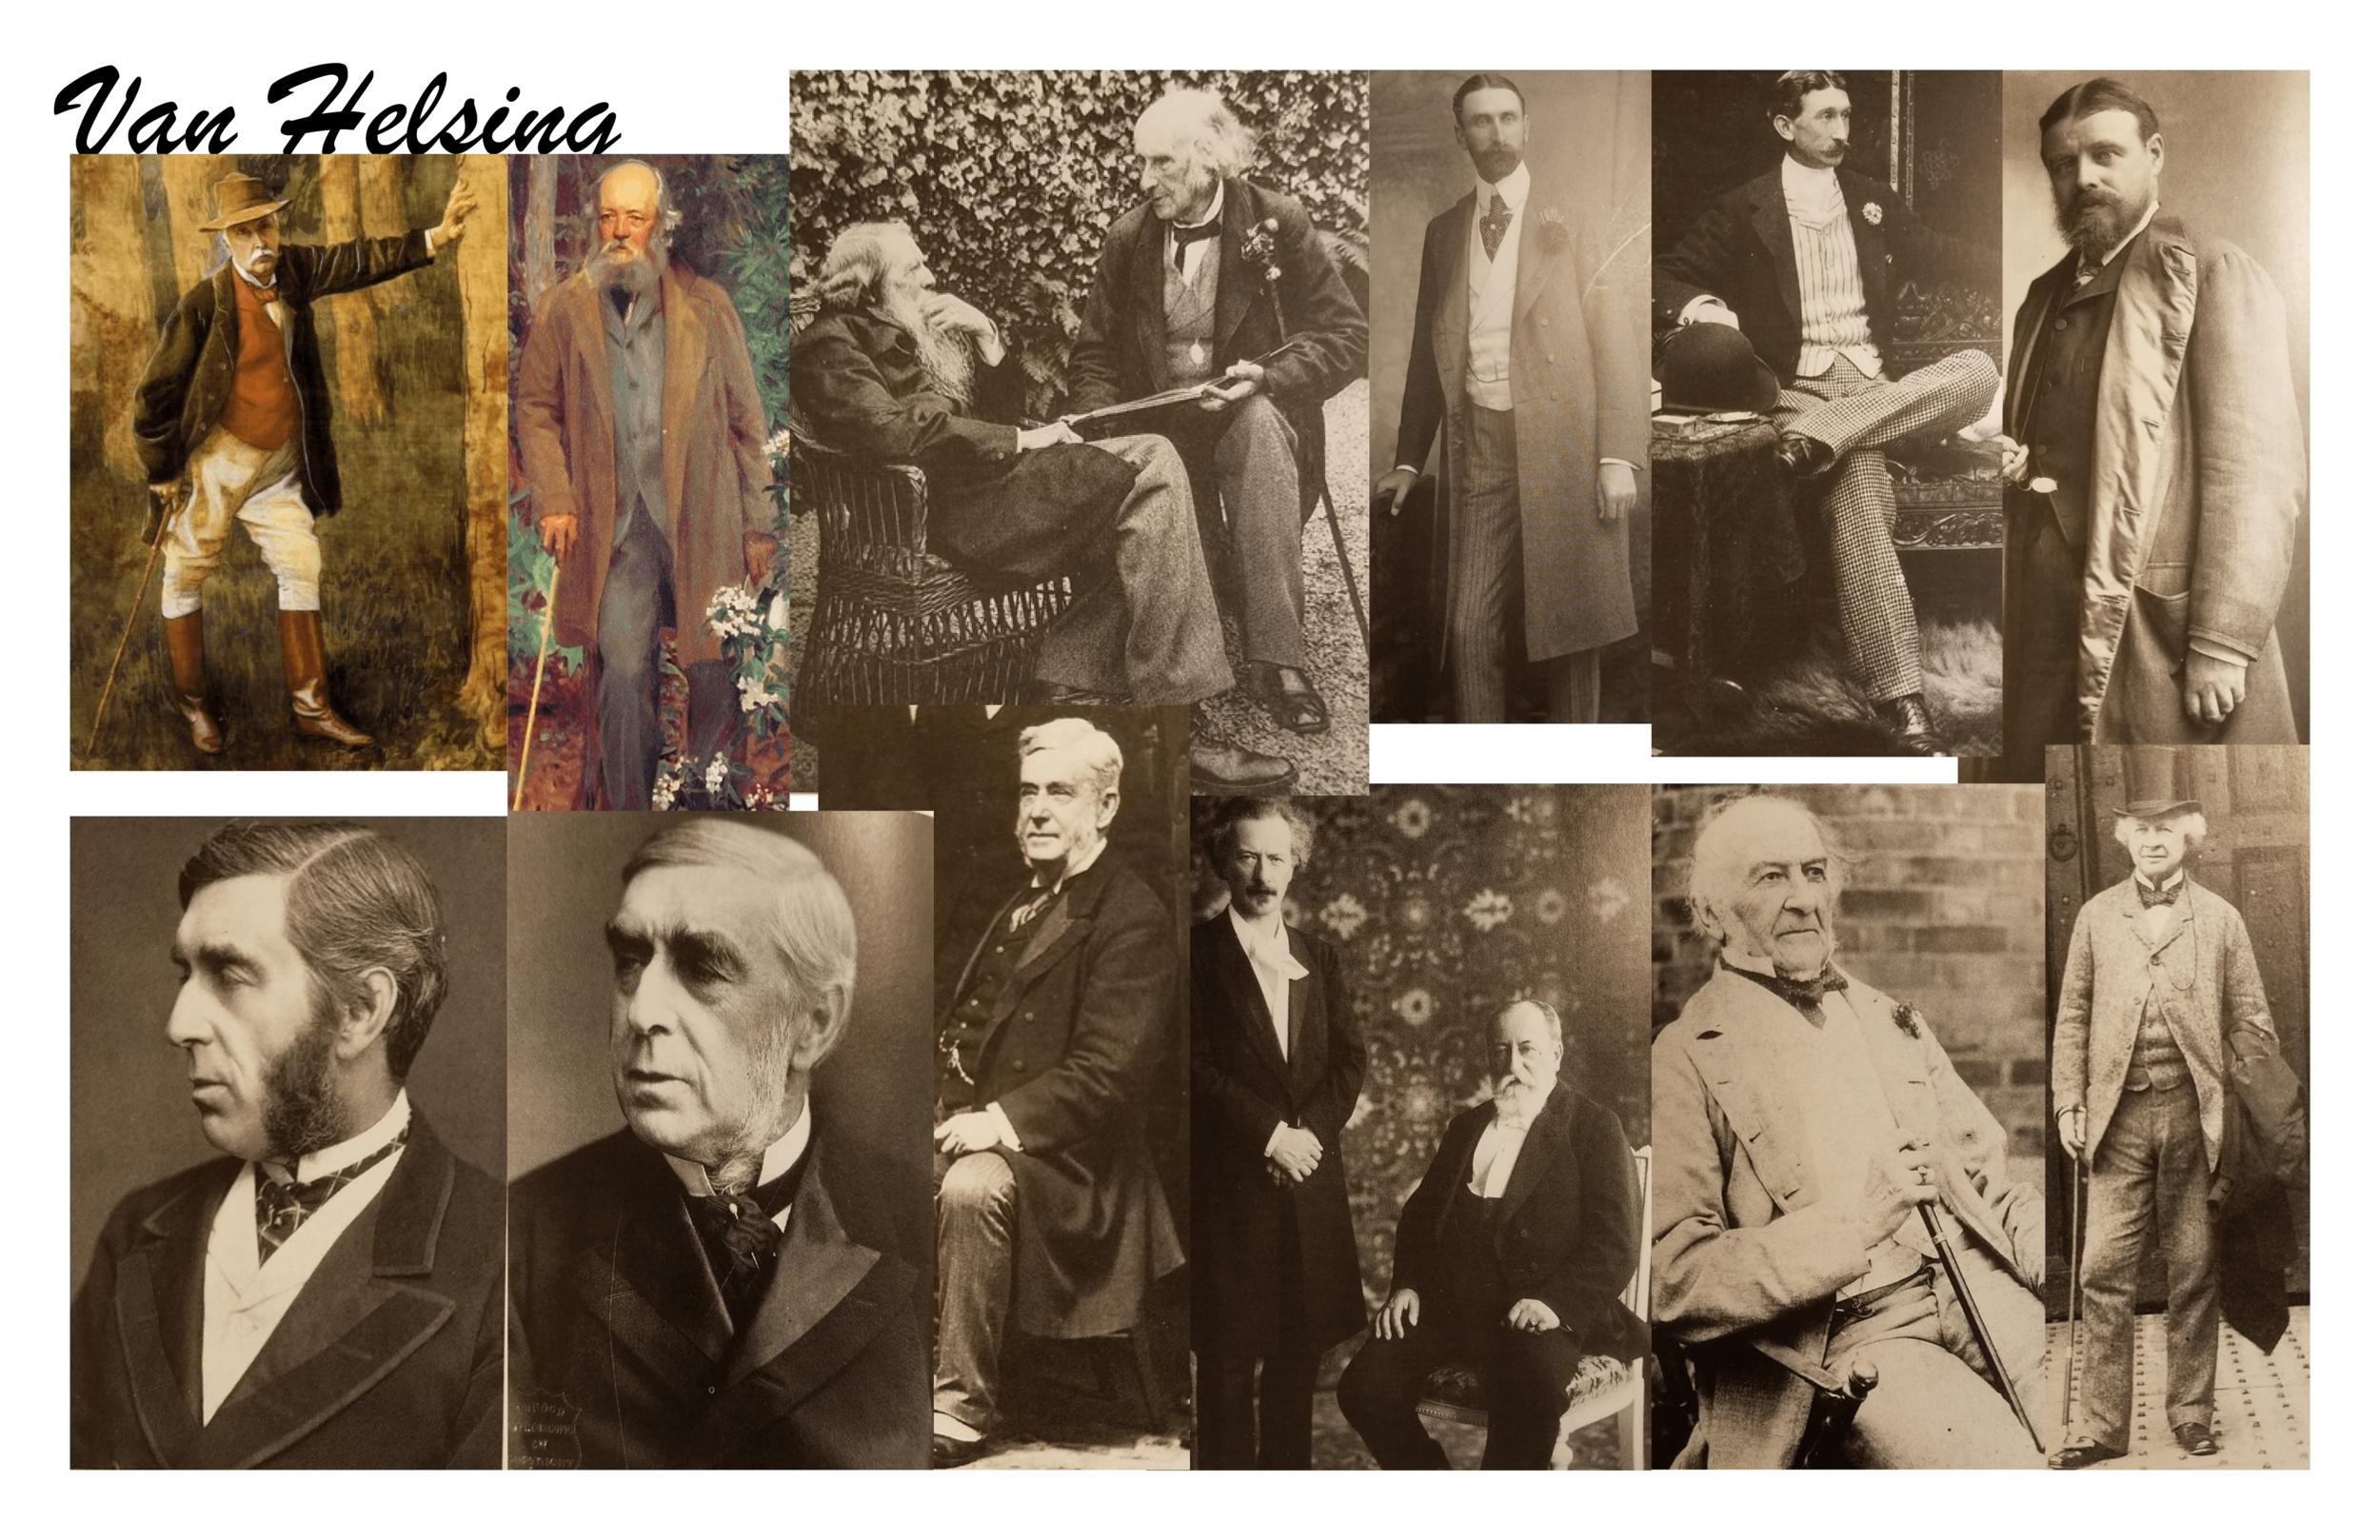 Dracula Research Boards van helsing 2.png